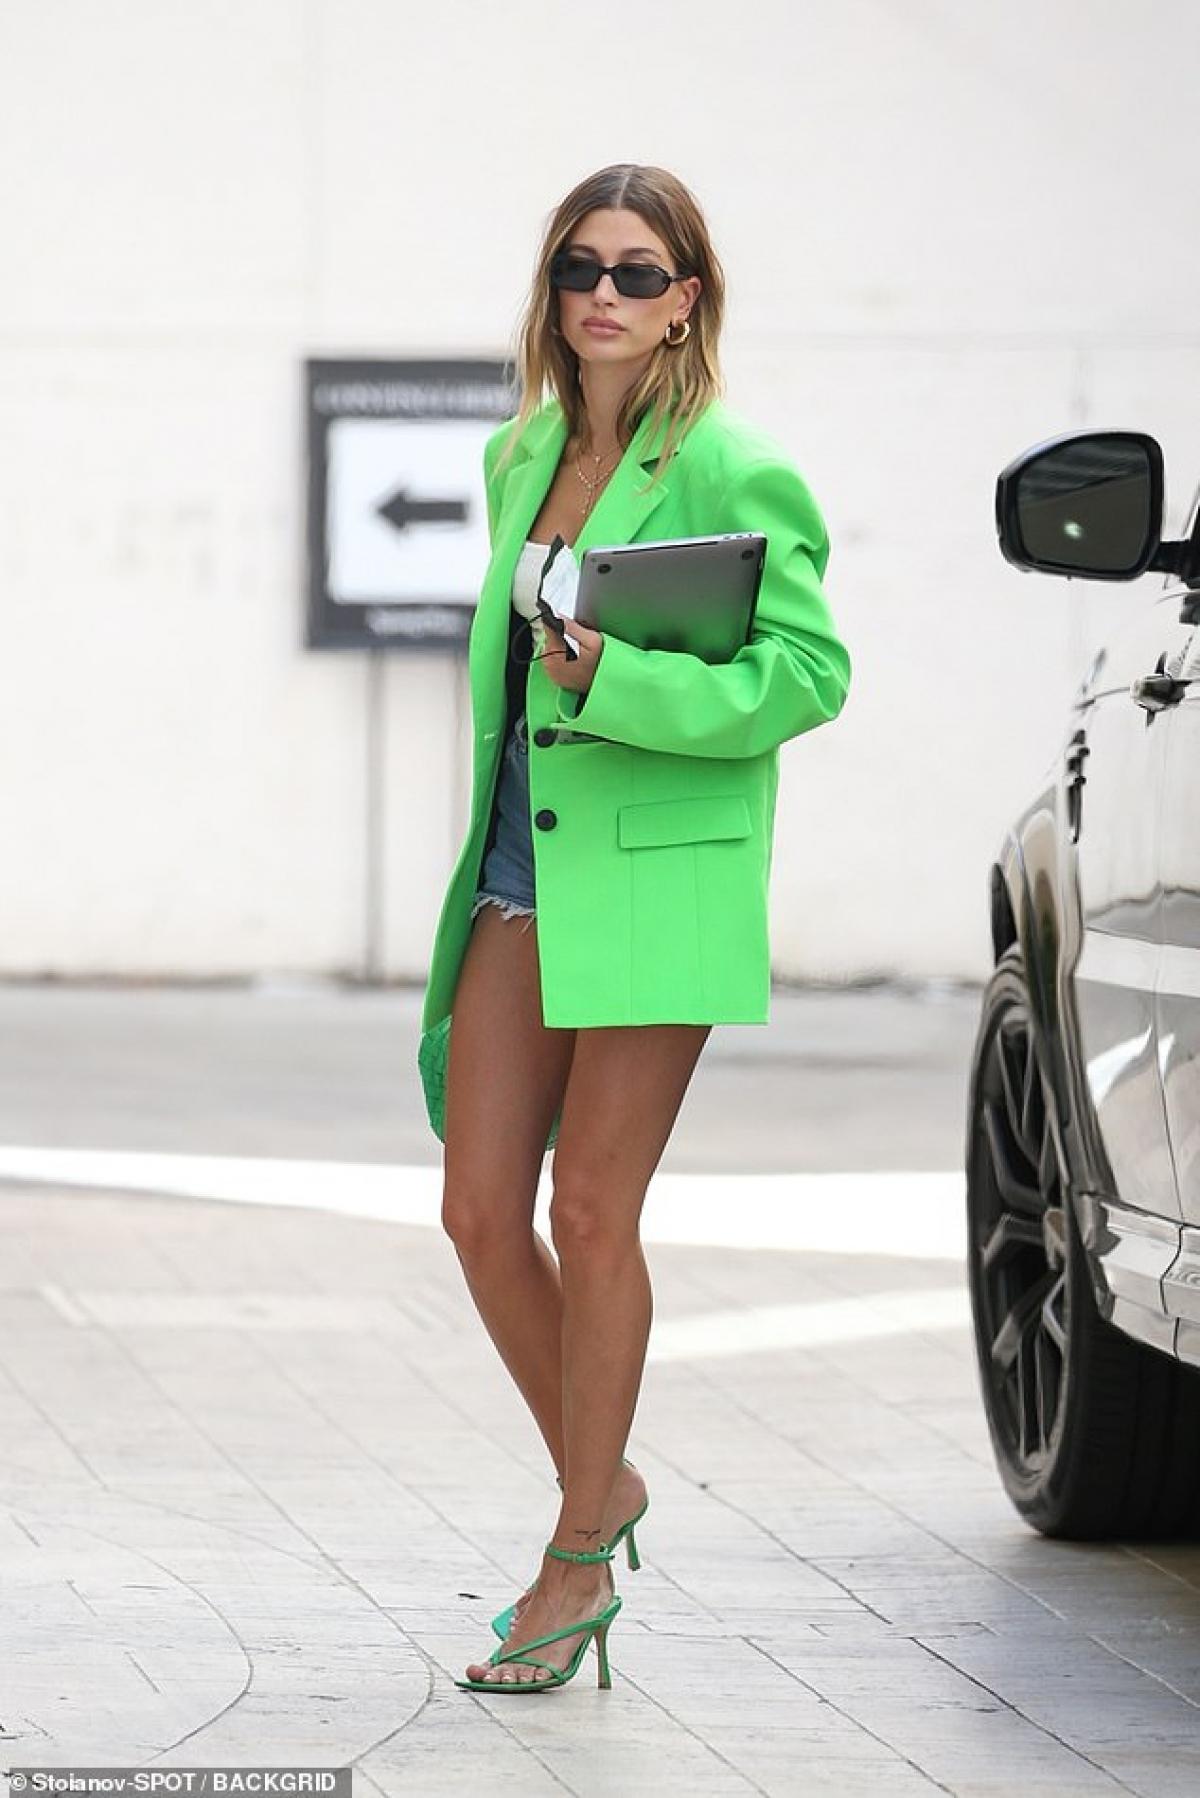 Bà xã Justin Bieber diện áo blazer màu xanh neon nổi bật phối cùng quần shorts jeans, khoe khéo đôi chân thon dài gợi cảm.